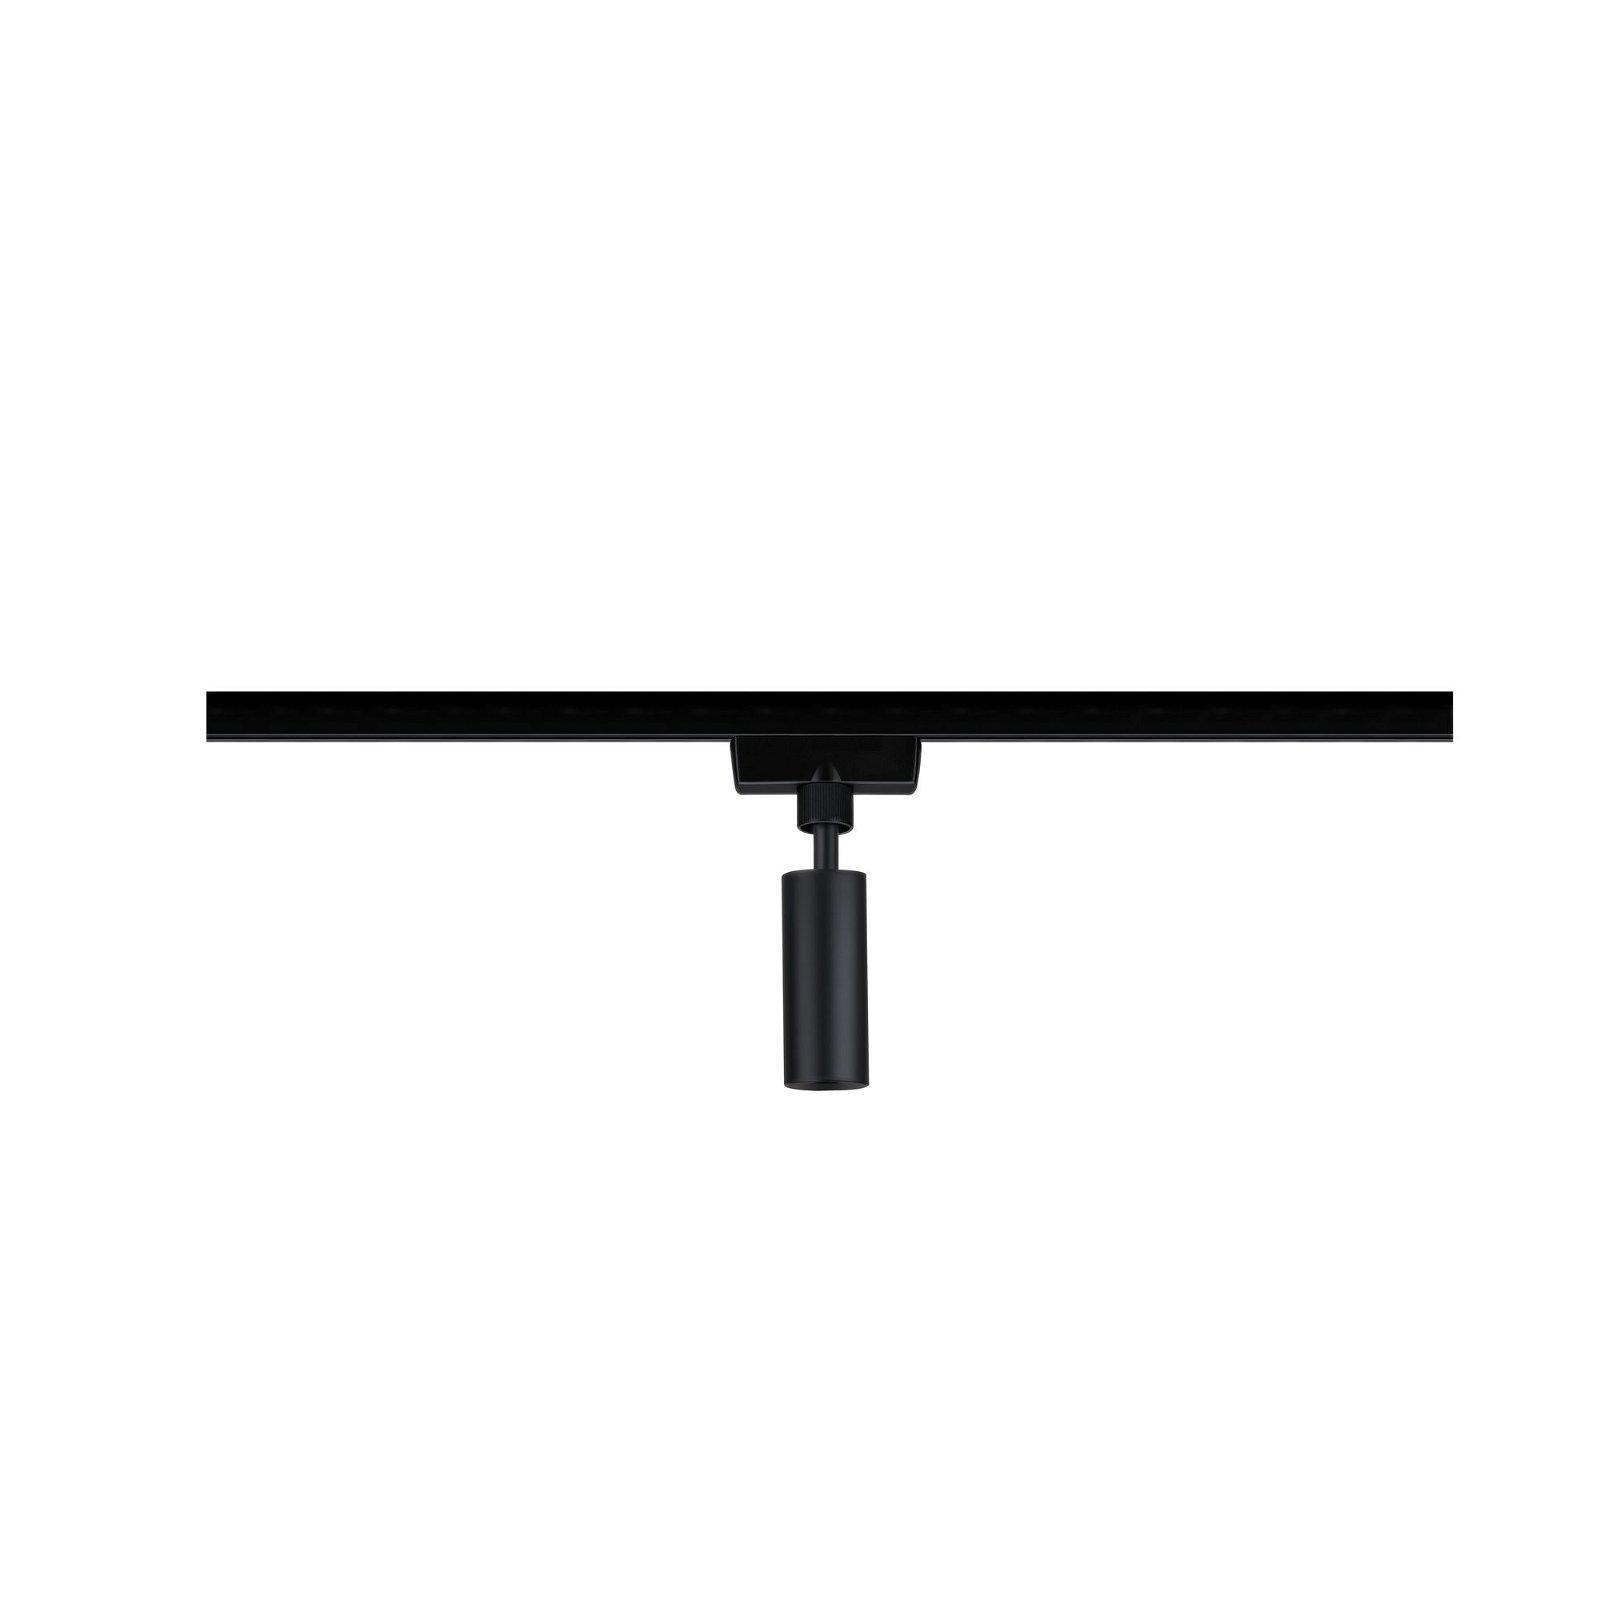 URail Pendeladapter Universal max. 50W 230V Zwart mat